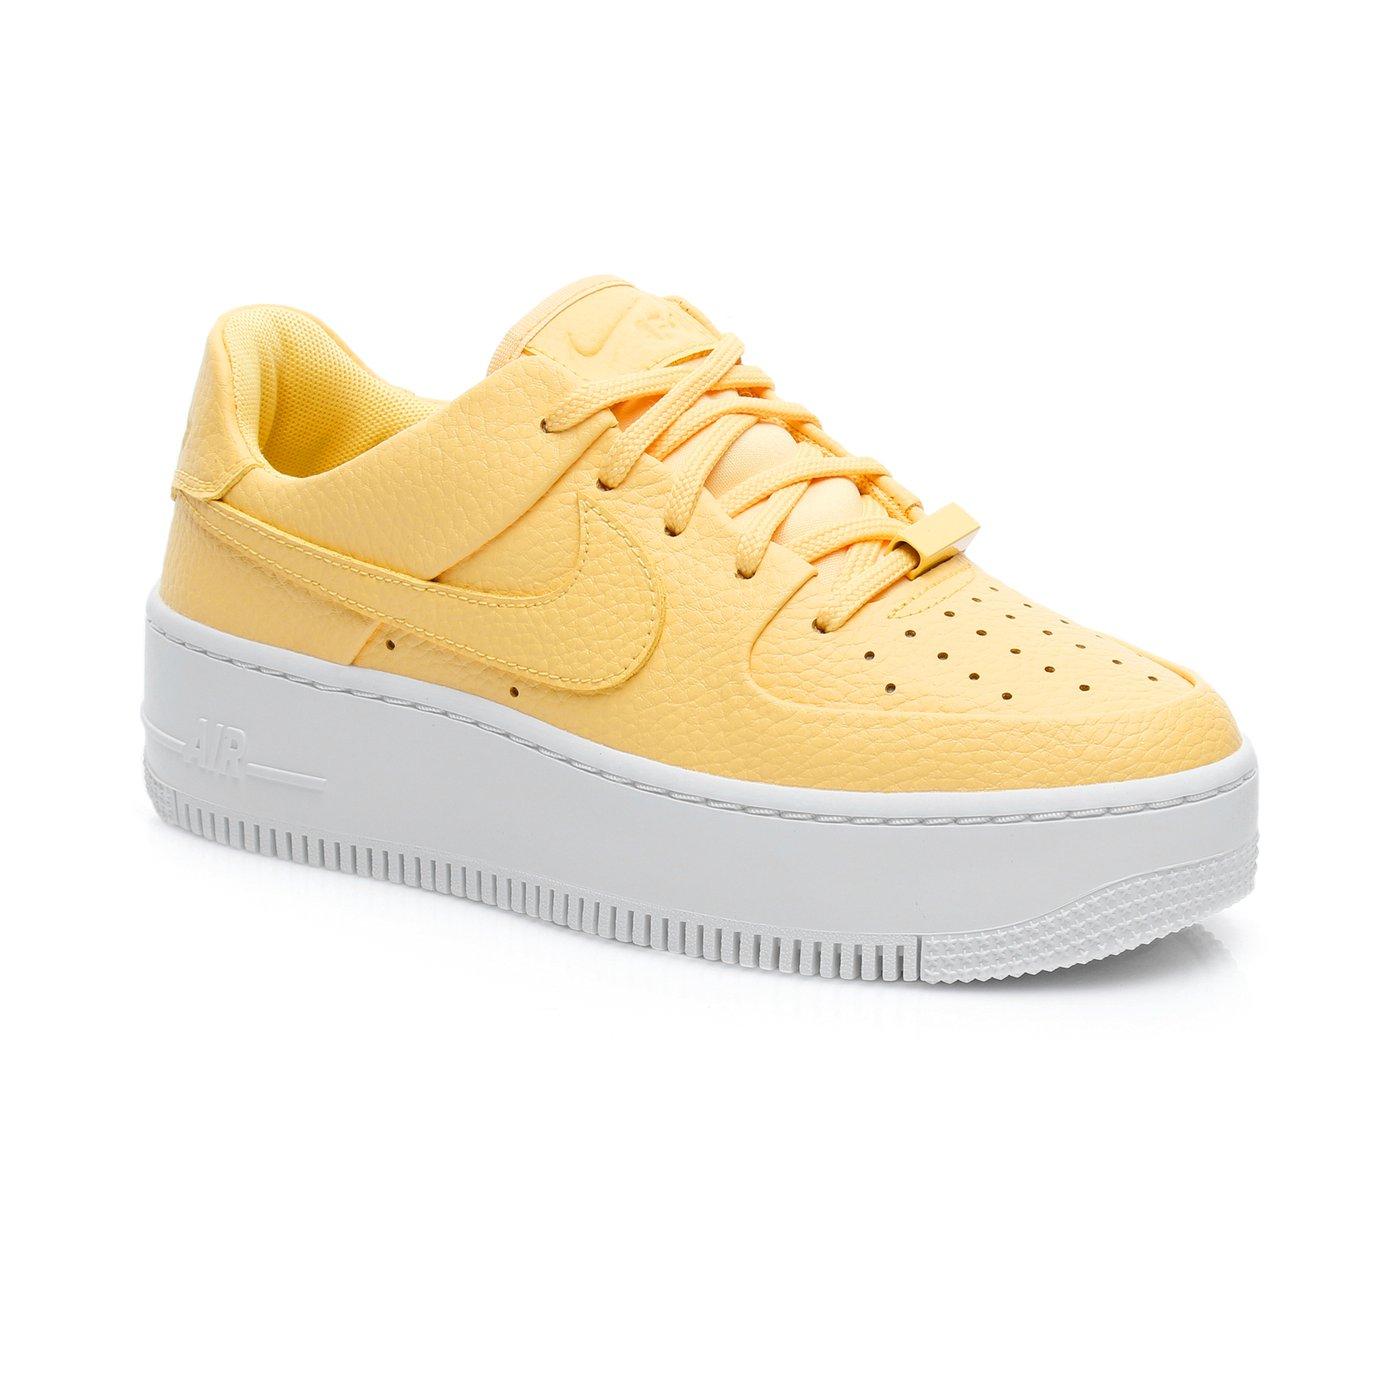 Nike Air Force 1 Sage Low Kadın Sarı Spor Ayakkabı